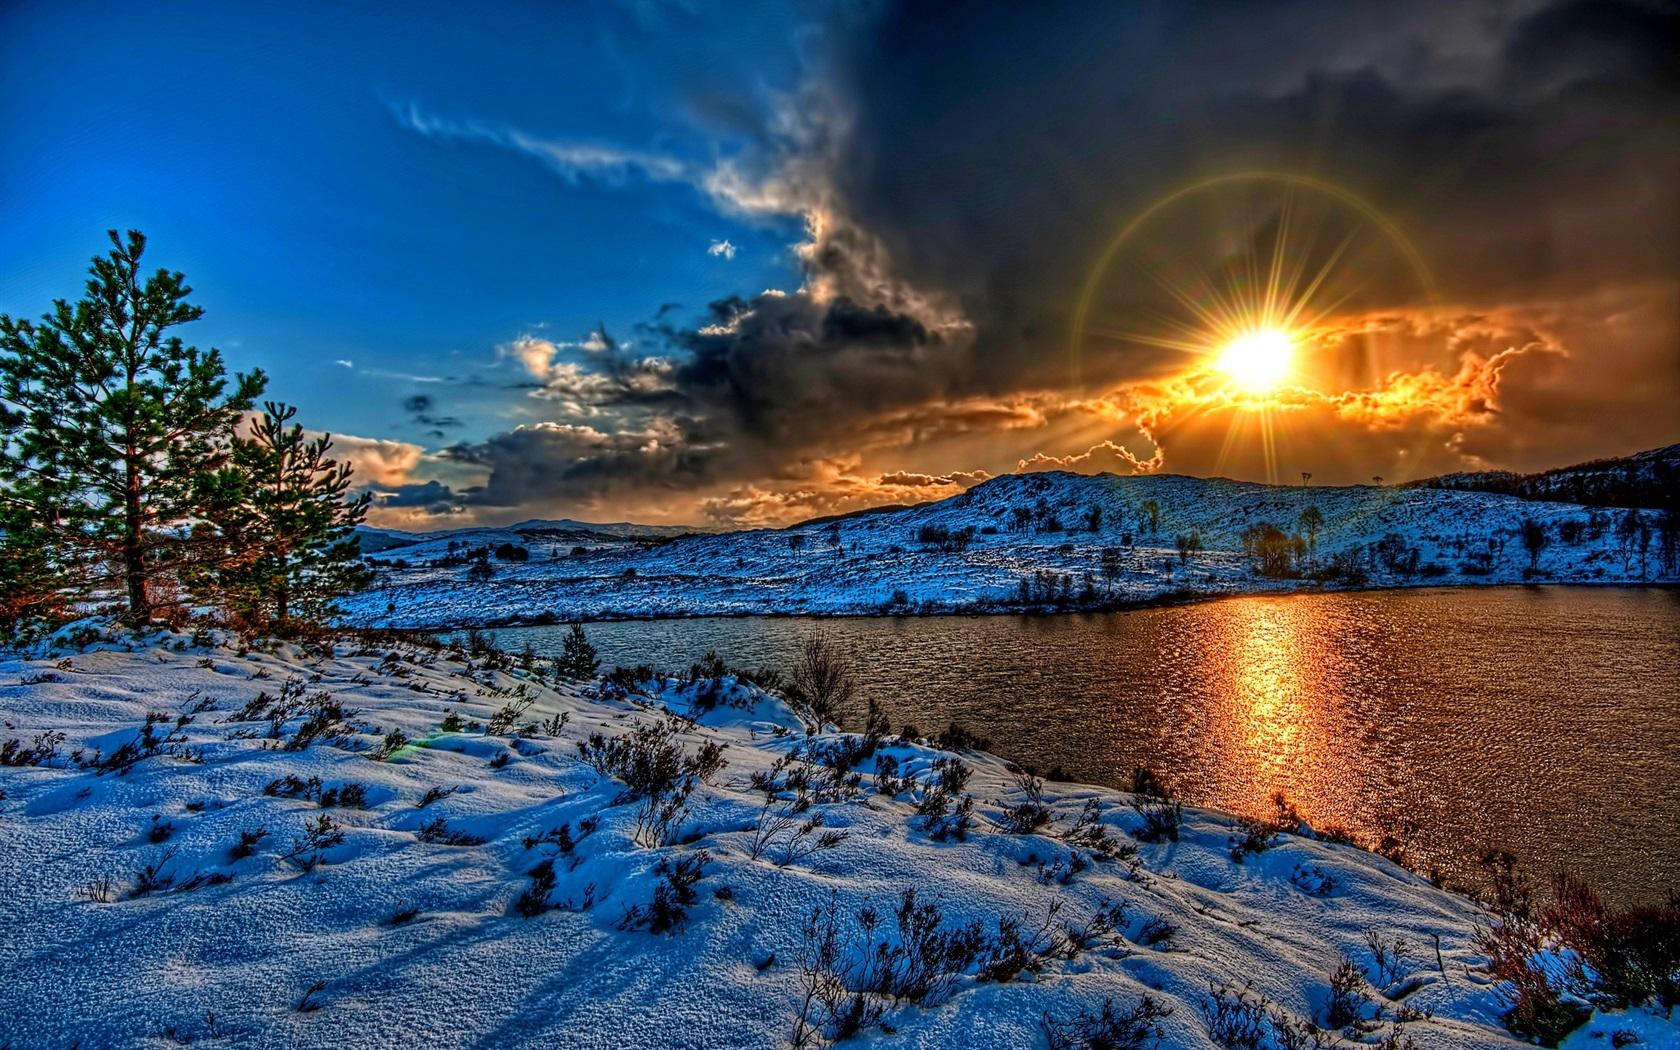 fonds d 39 cran hiver neige lac nuages coucher soleil soleil hdr style 1920x1200 hd image. Black Bedroom Furniture Sets. Home Design Ideas